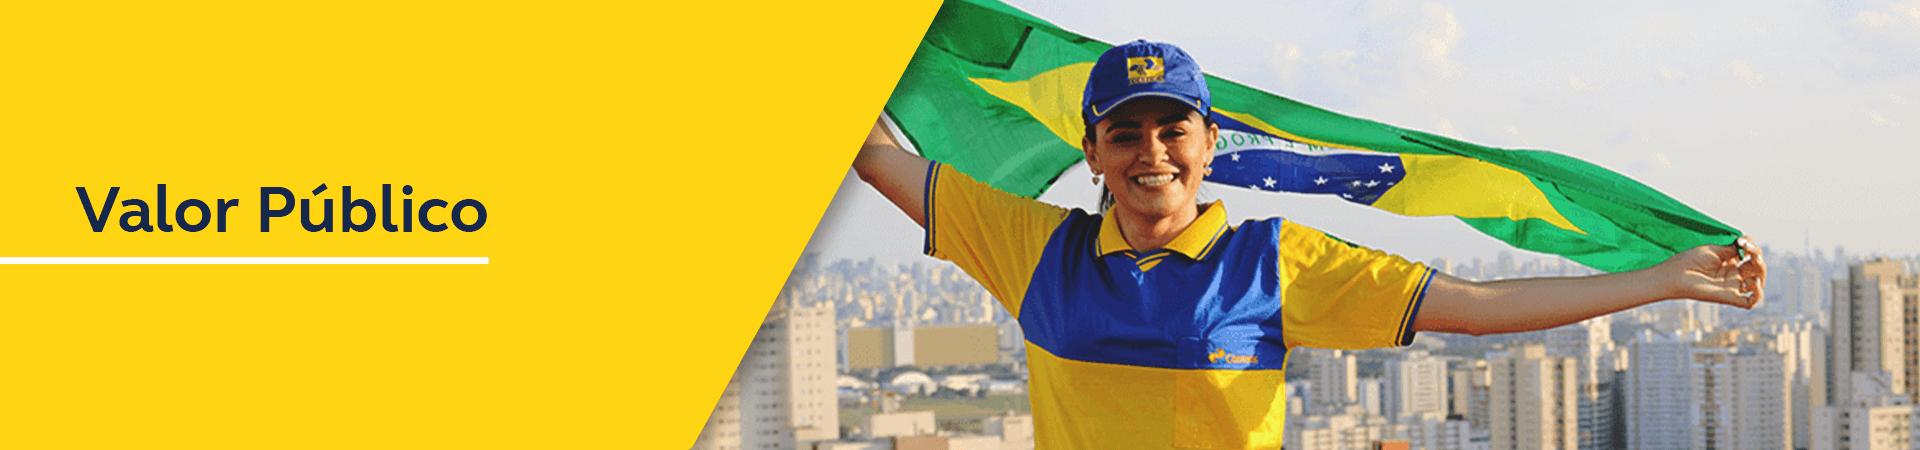 Carteira uniformizada com bandeira do Brasil nas mãos.